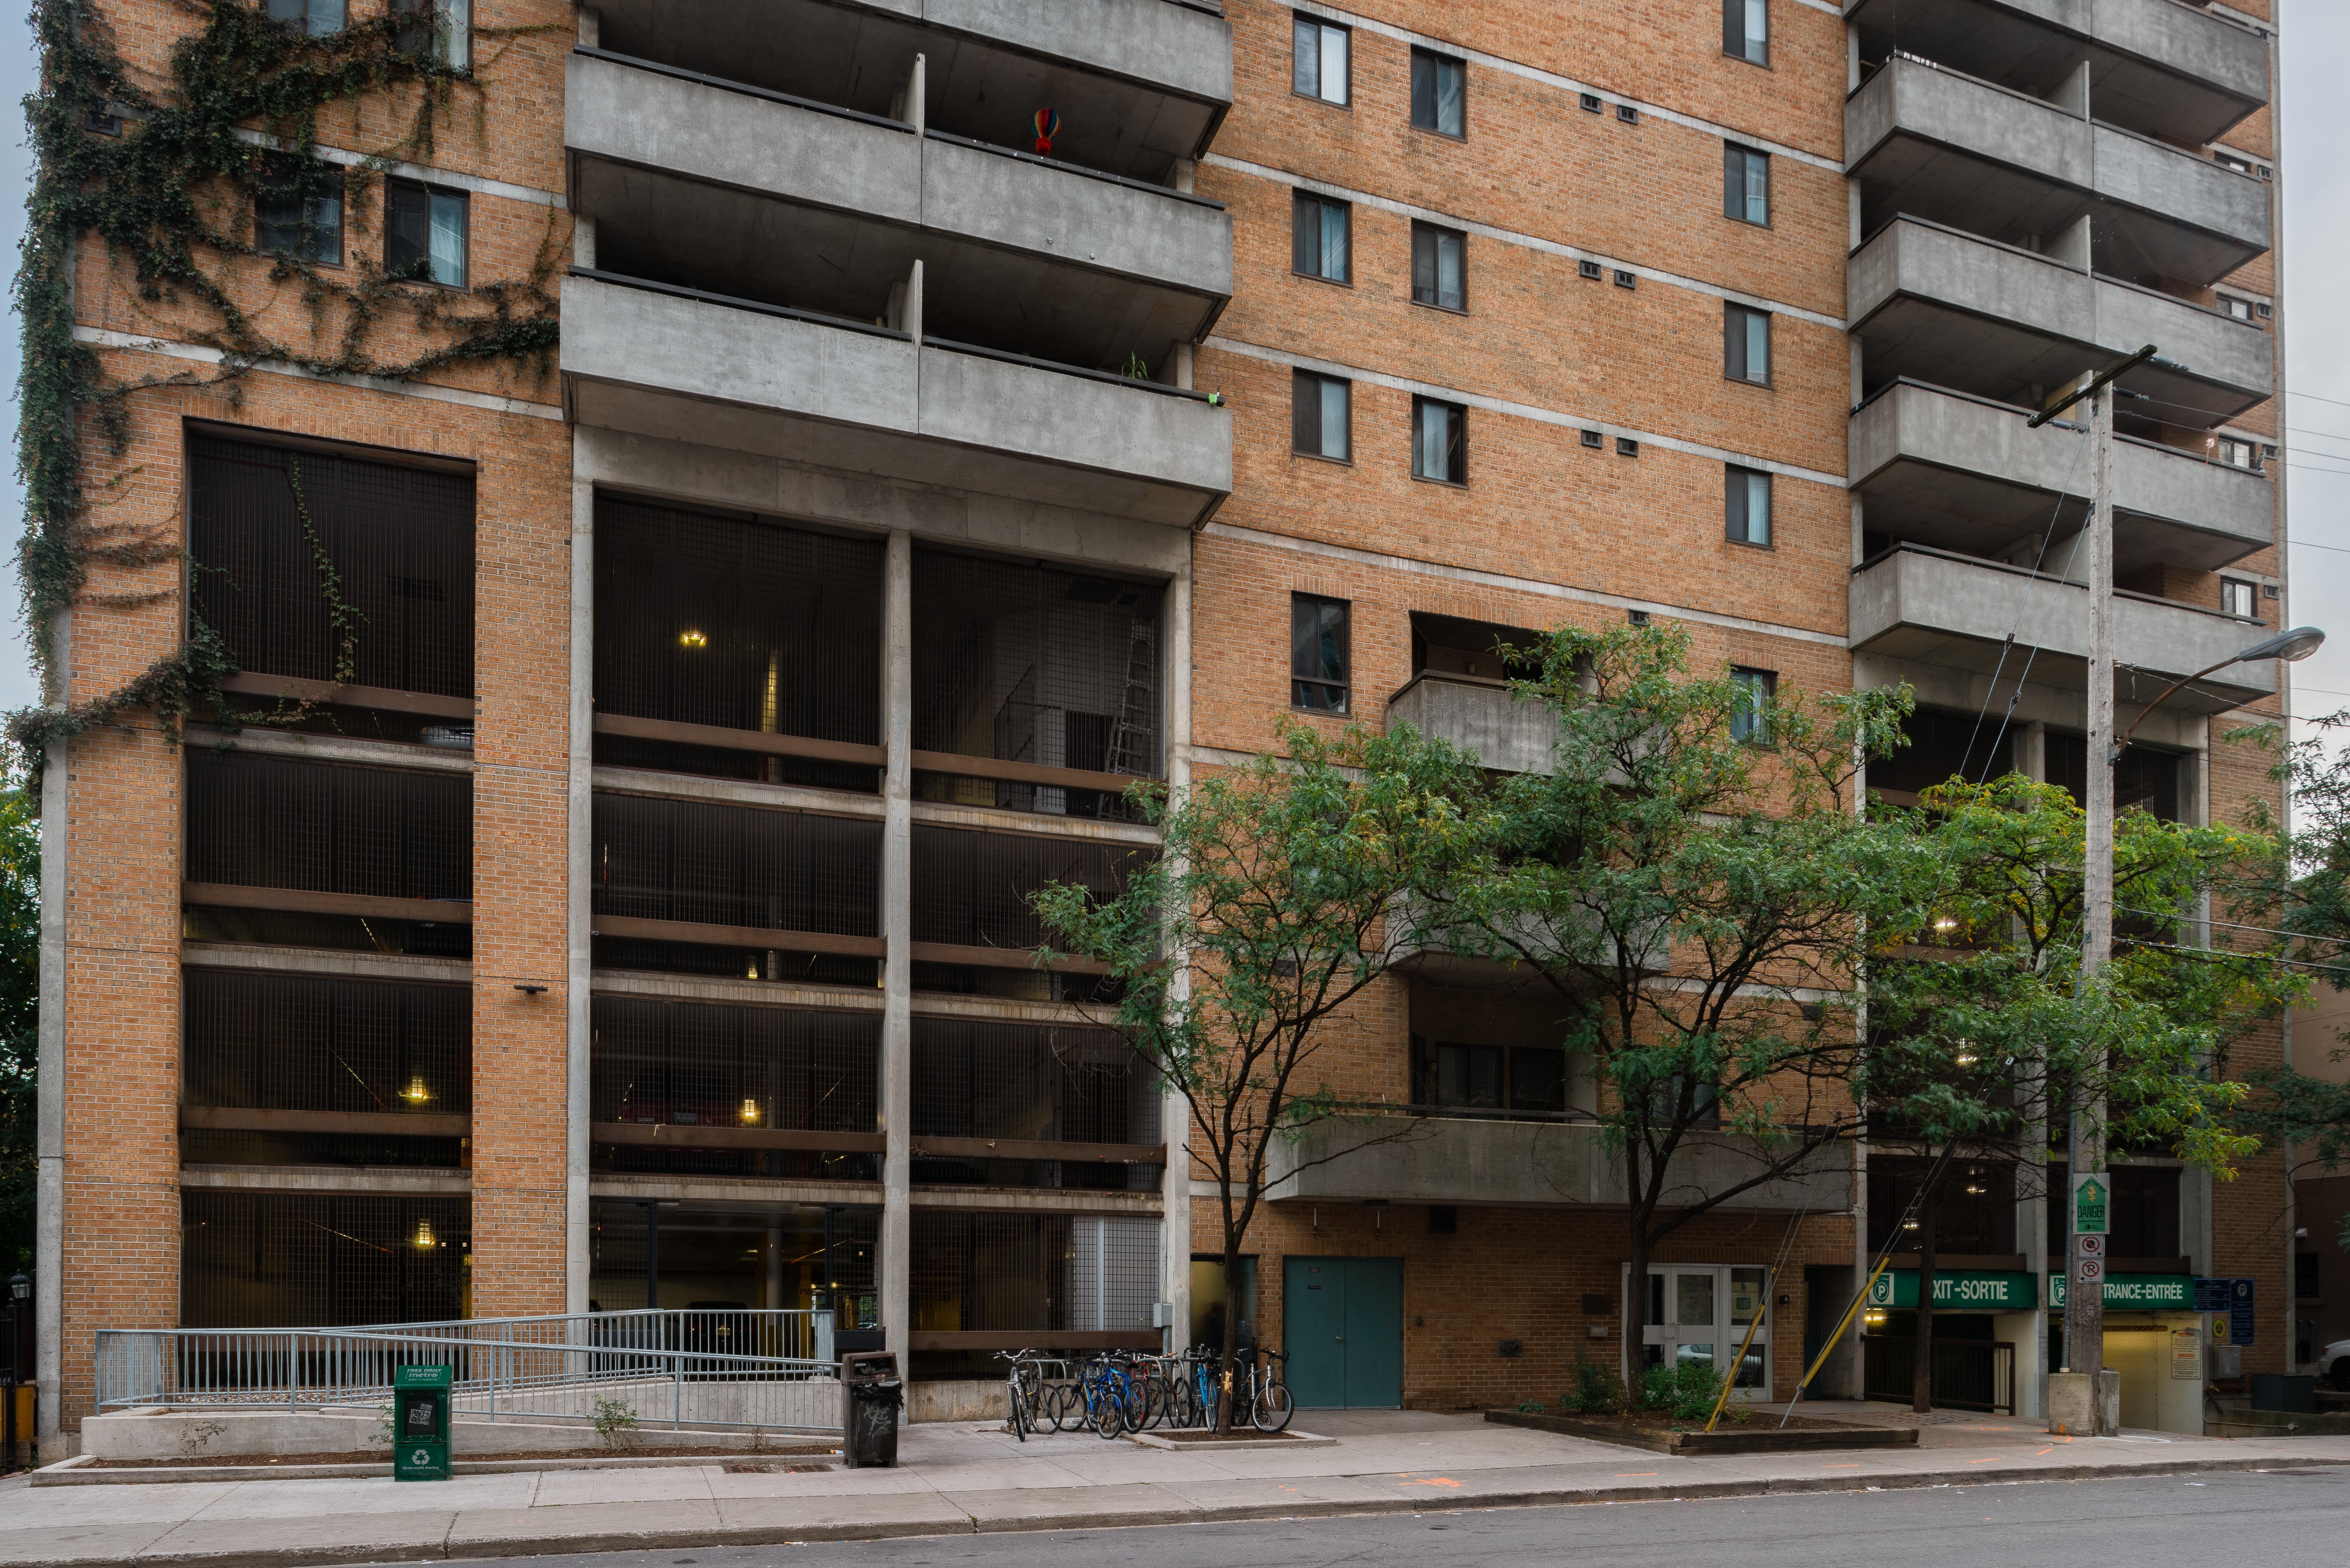 210 Gloucester St Ottawa On K2p 2k4 2 Bedroom Apartment For Rent For 1 070 Month Zumper